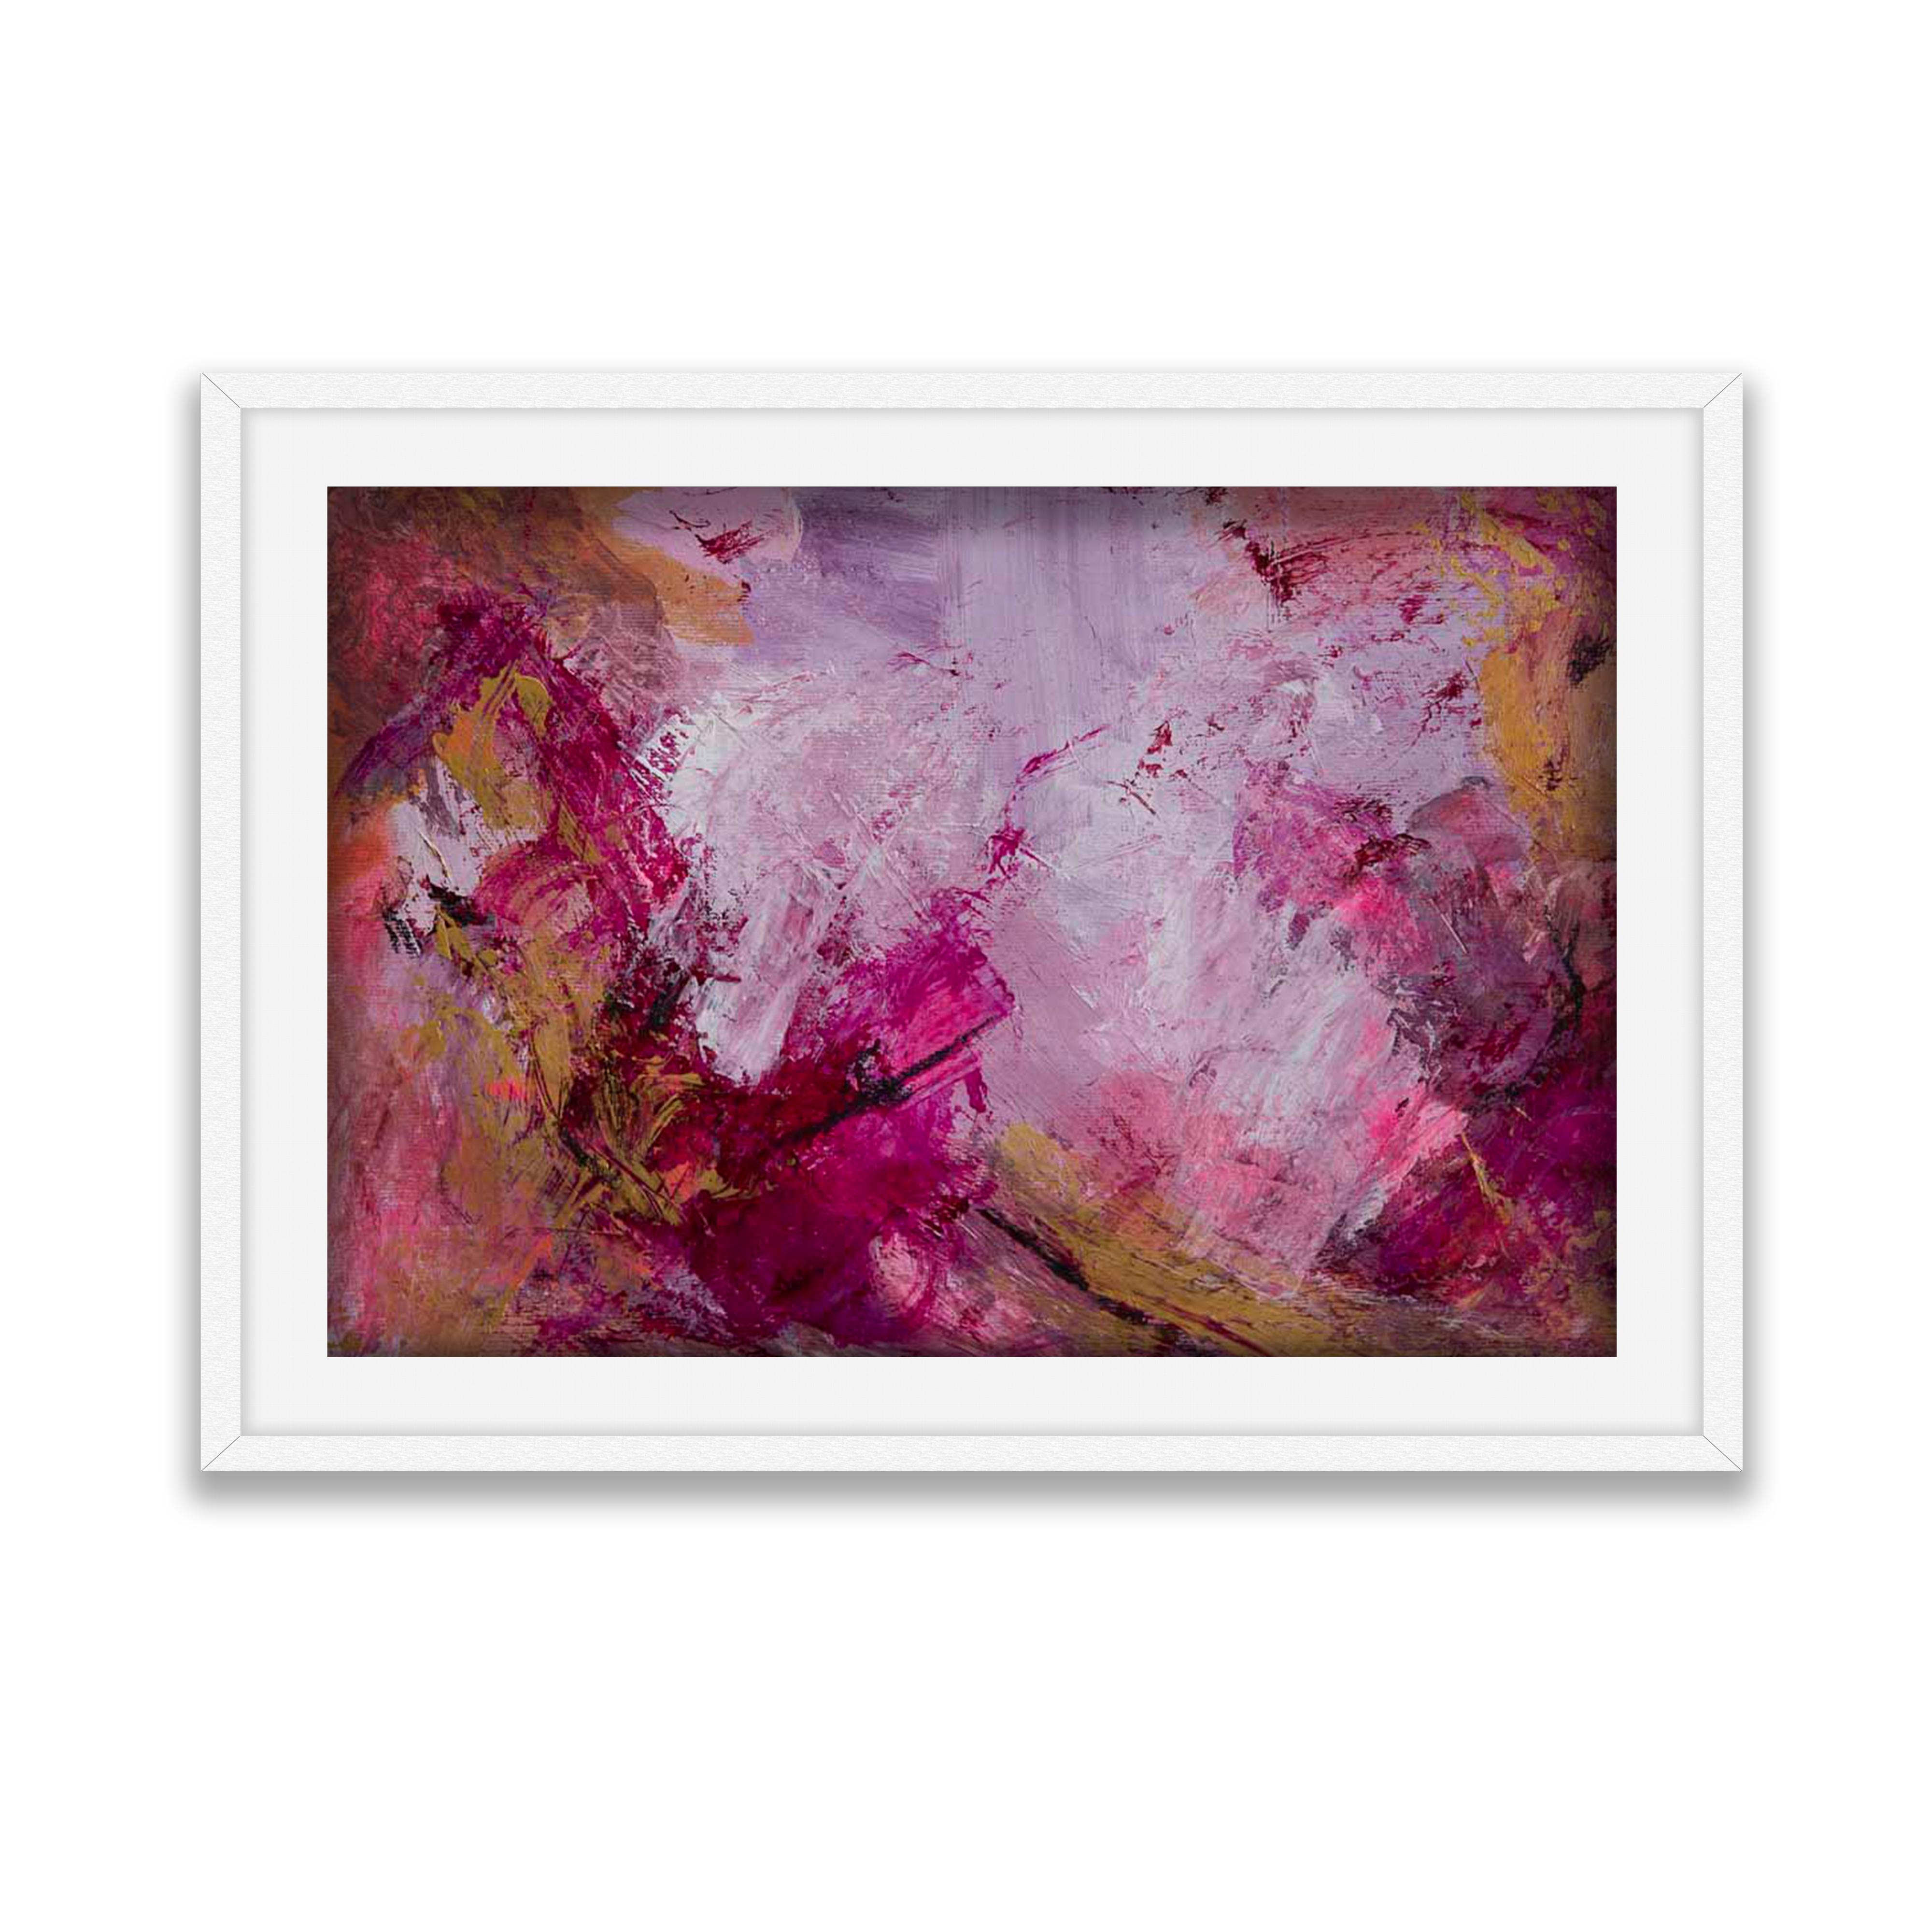 Blissfully PinkWhite Frame on White Background